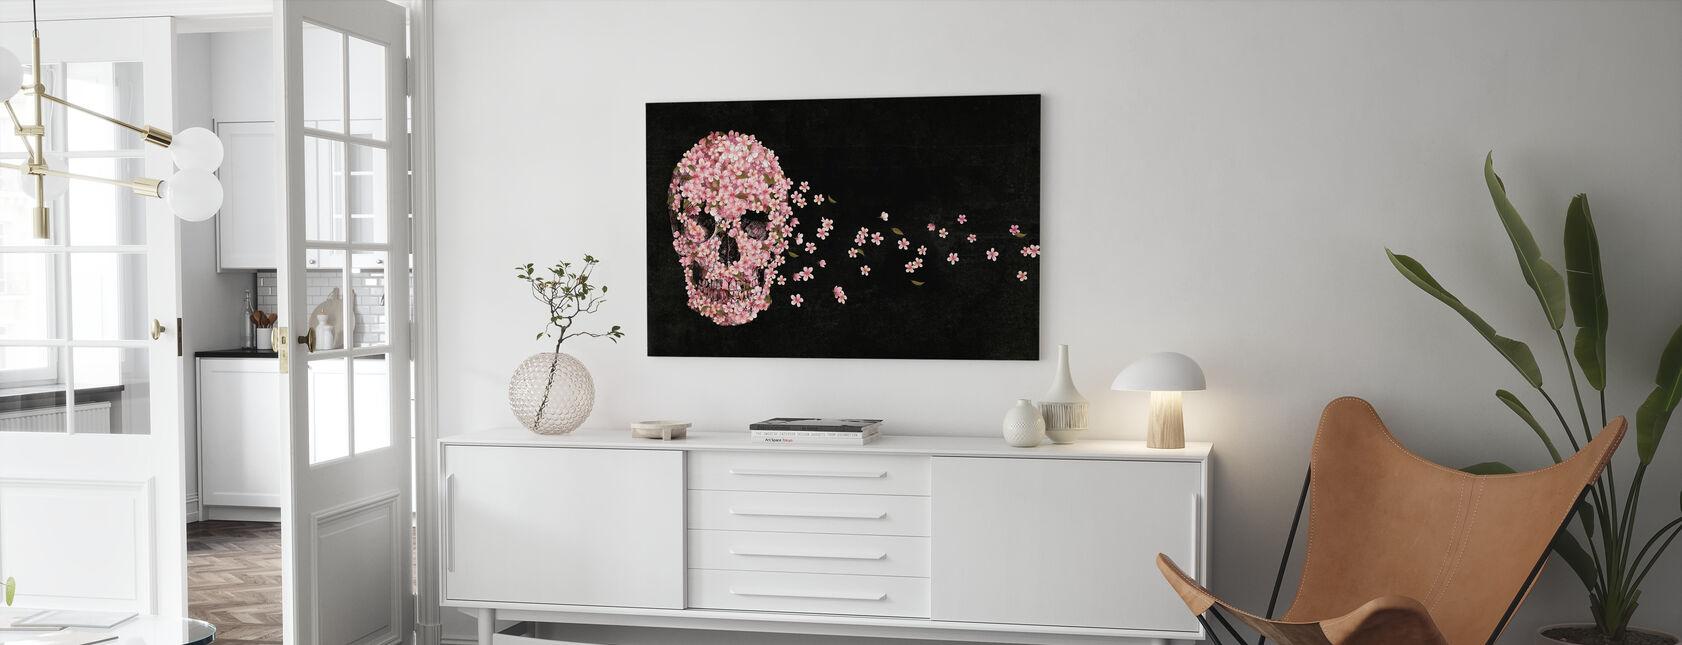 Vacker död - Canvastavla - Vardagsrum